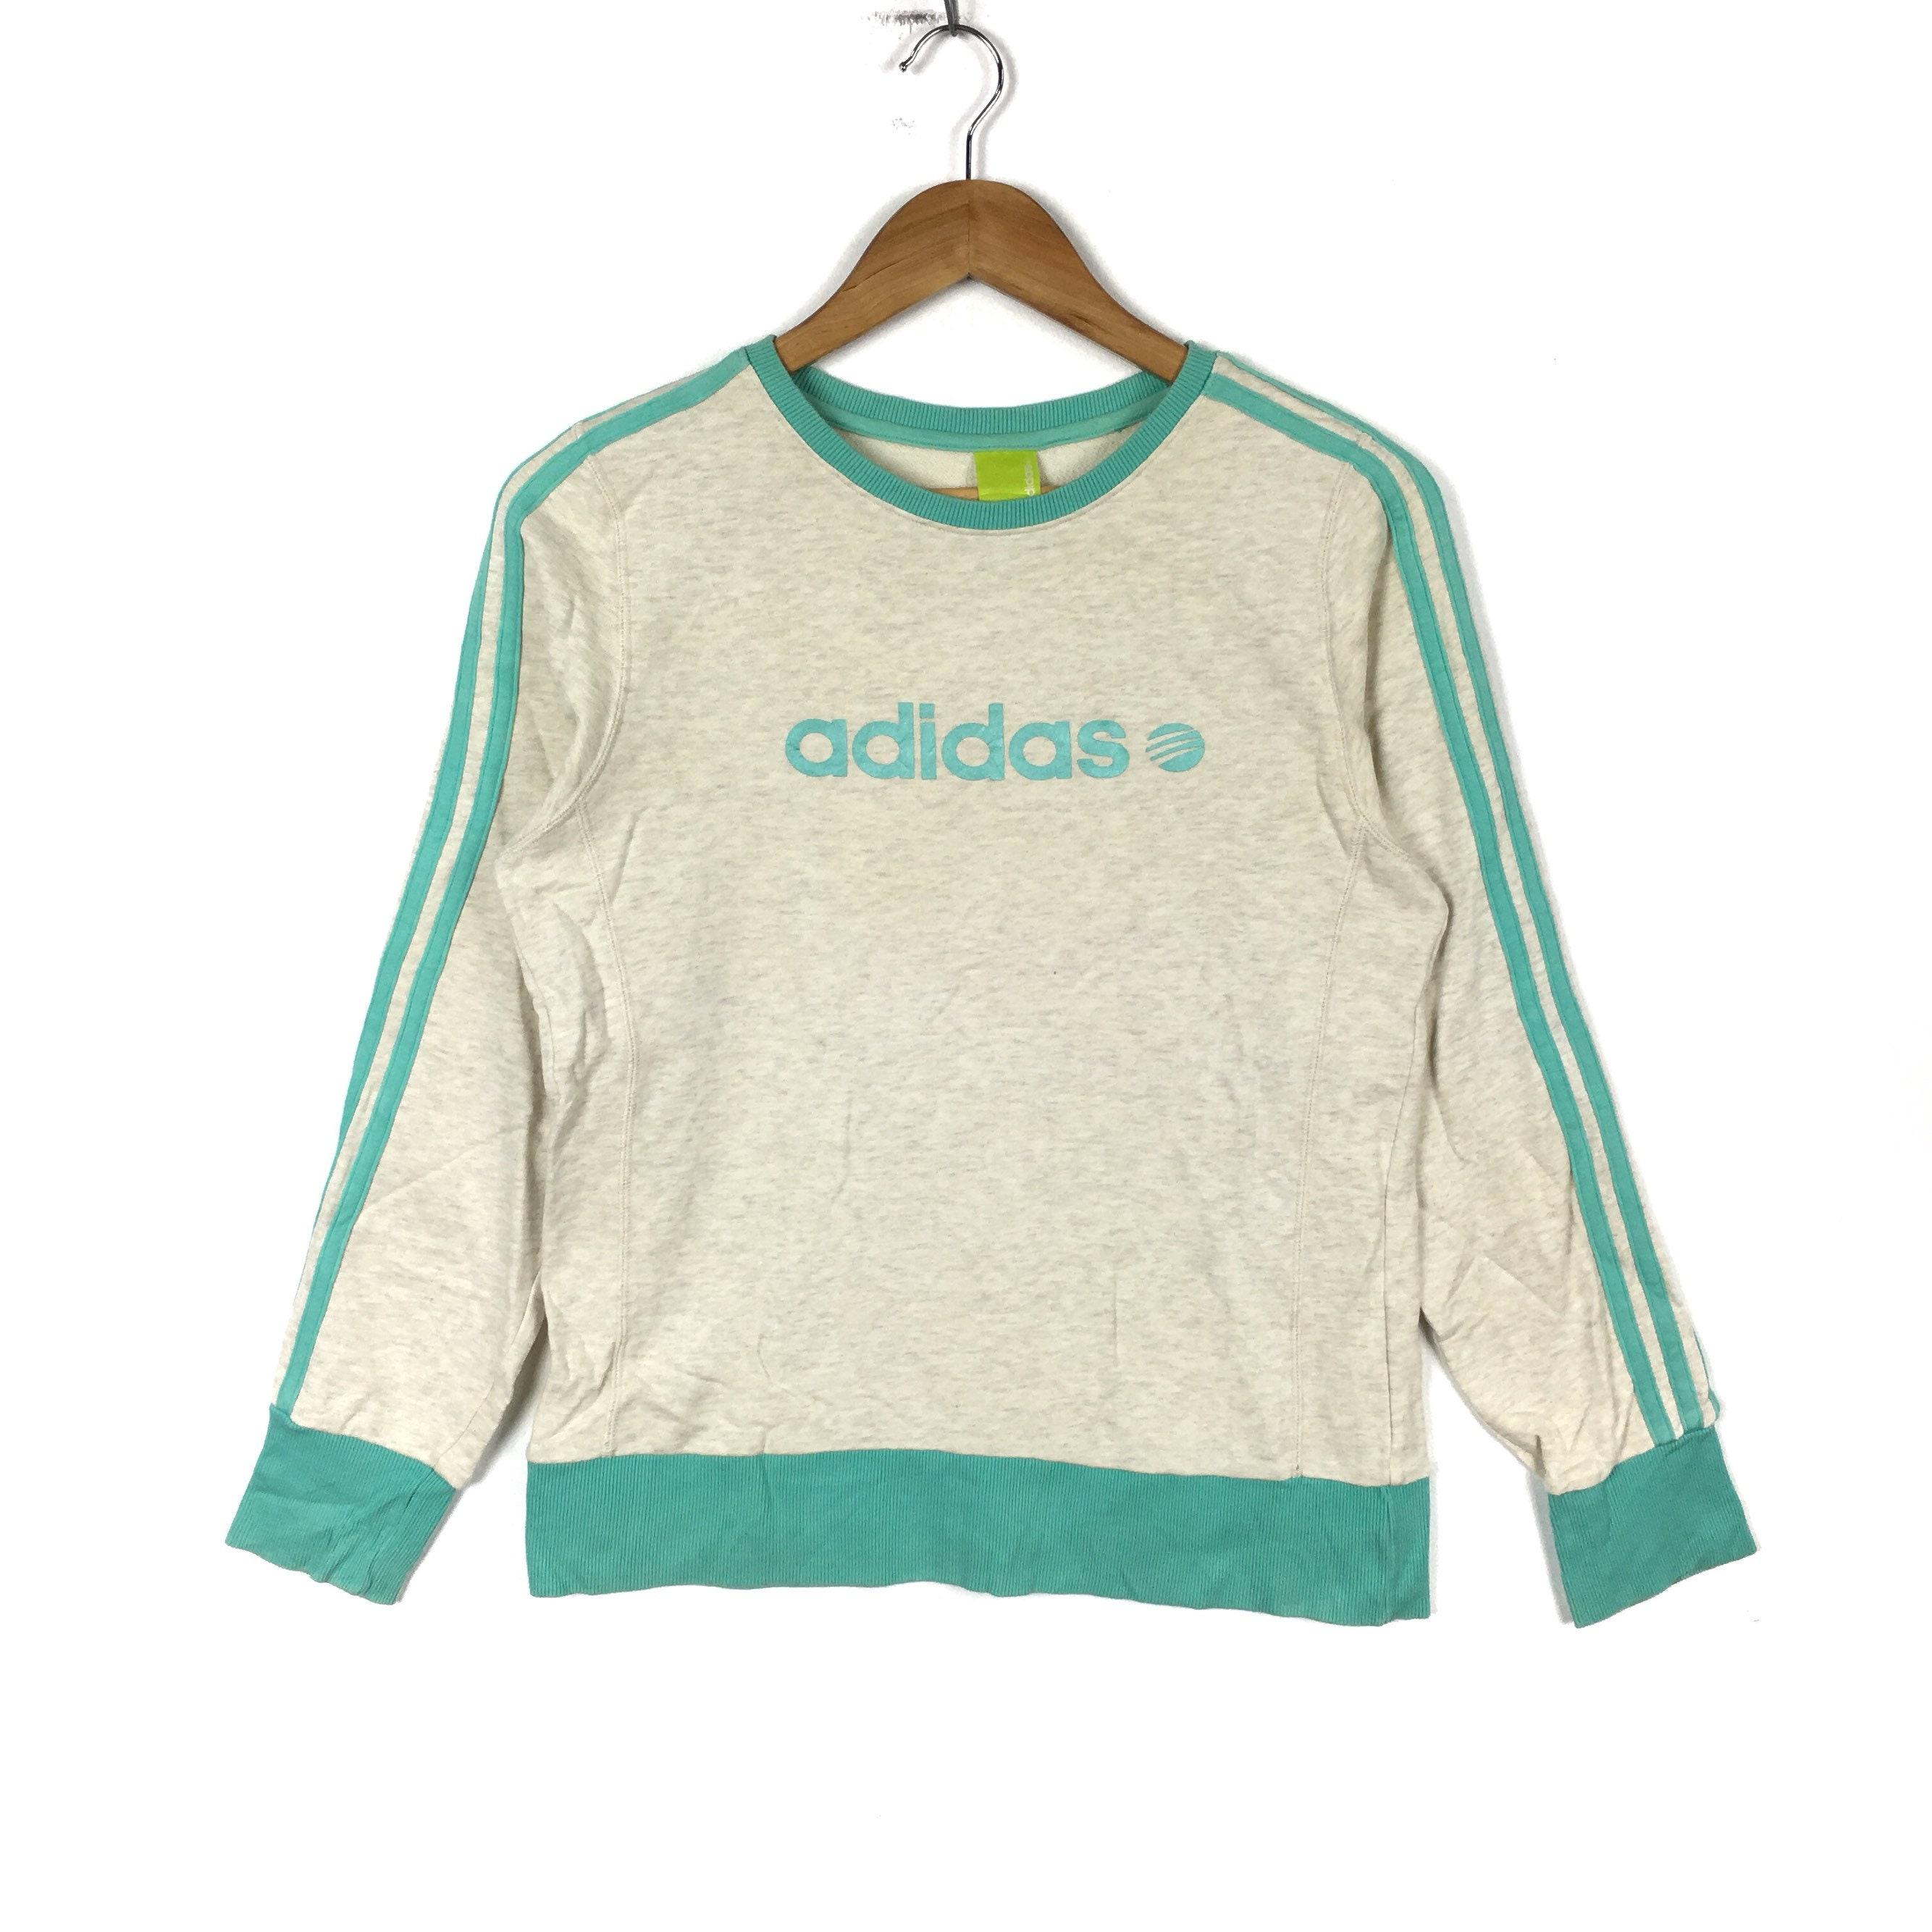 55152d7c2b8eb ADIDAS EQUIPMENT Stripes White Colour Pullover Sweatshirt | Etsy